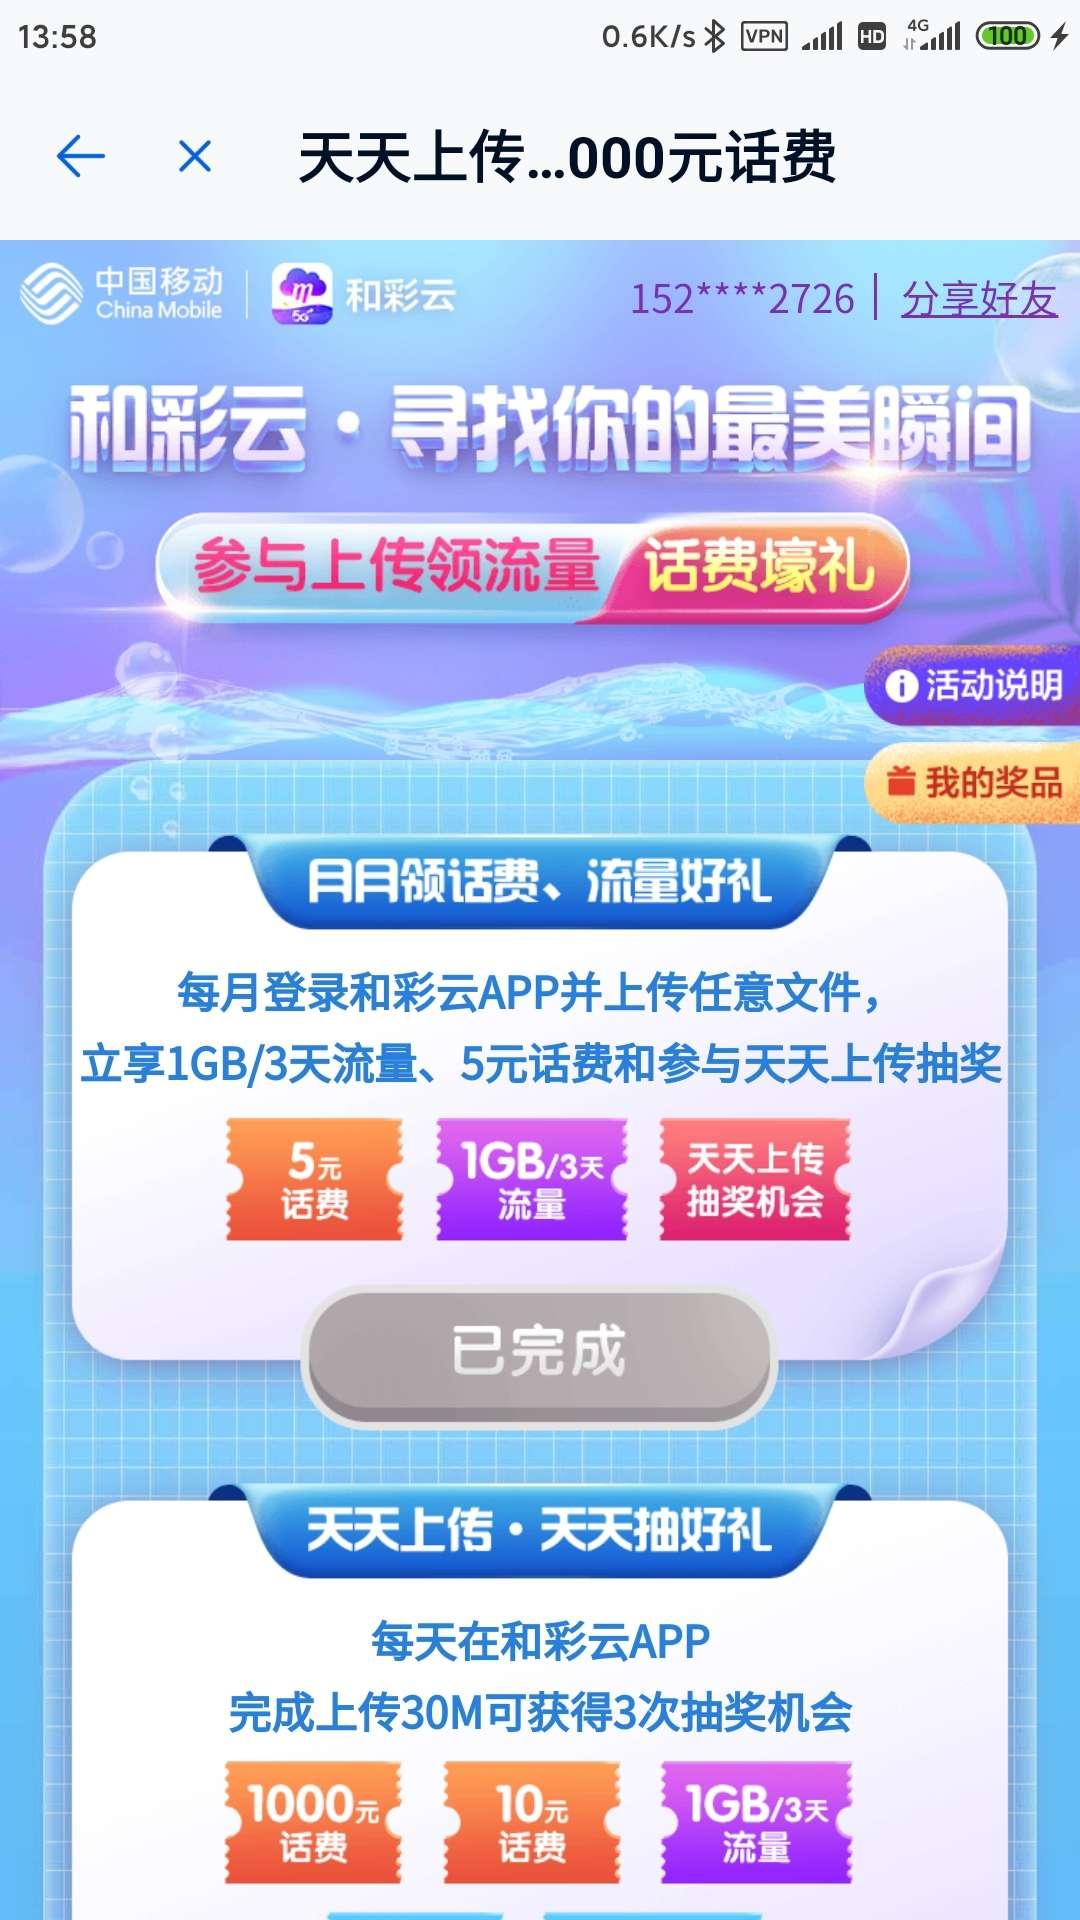 【话费流量】中国移动和彩云5元话费1g流量